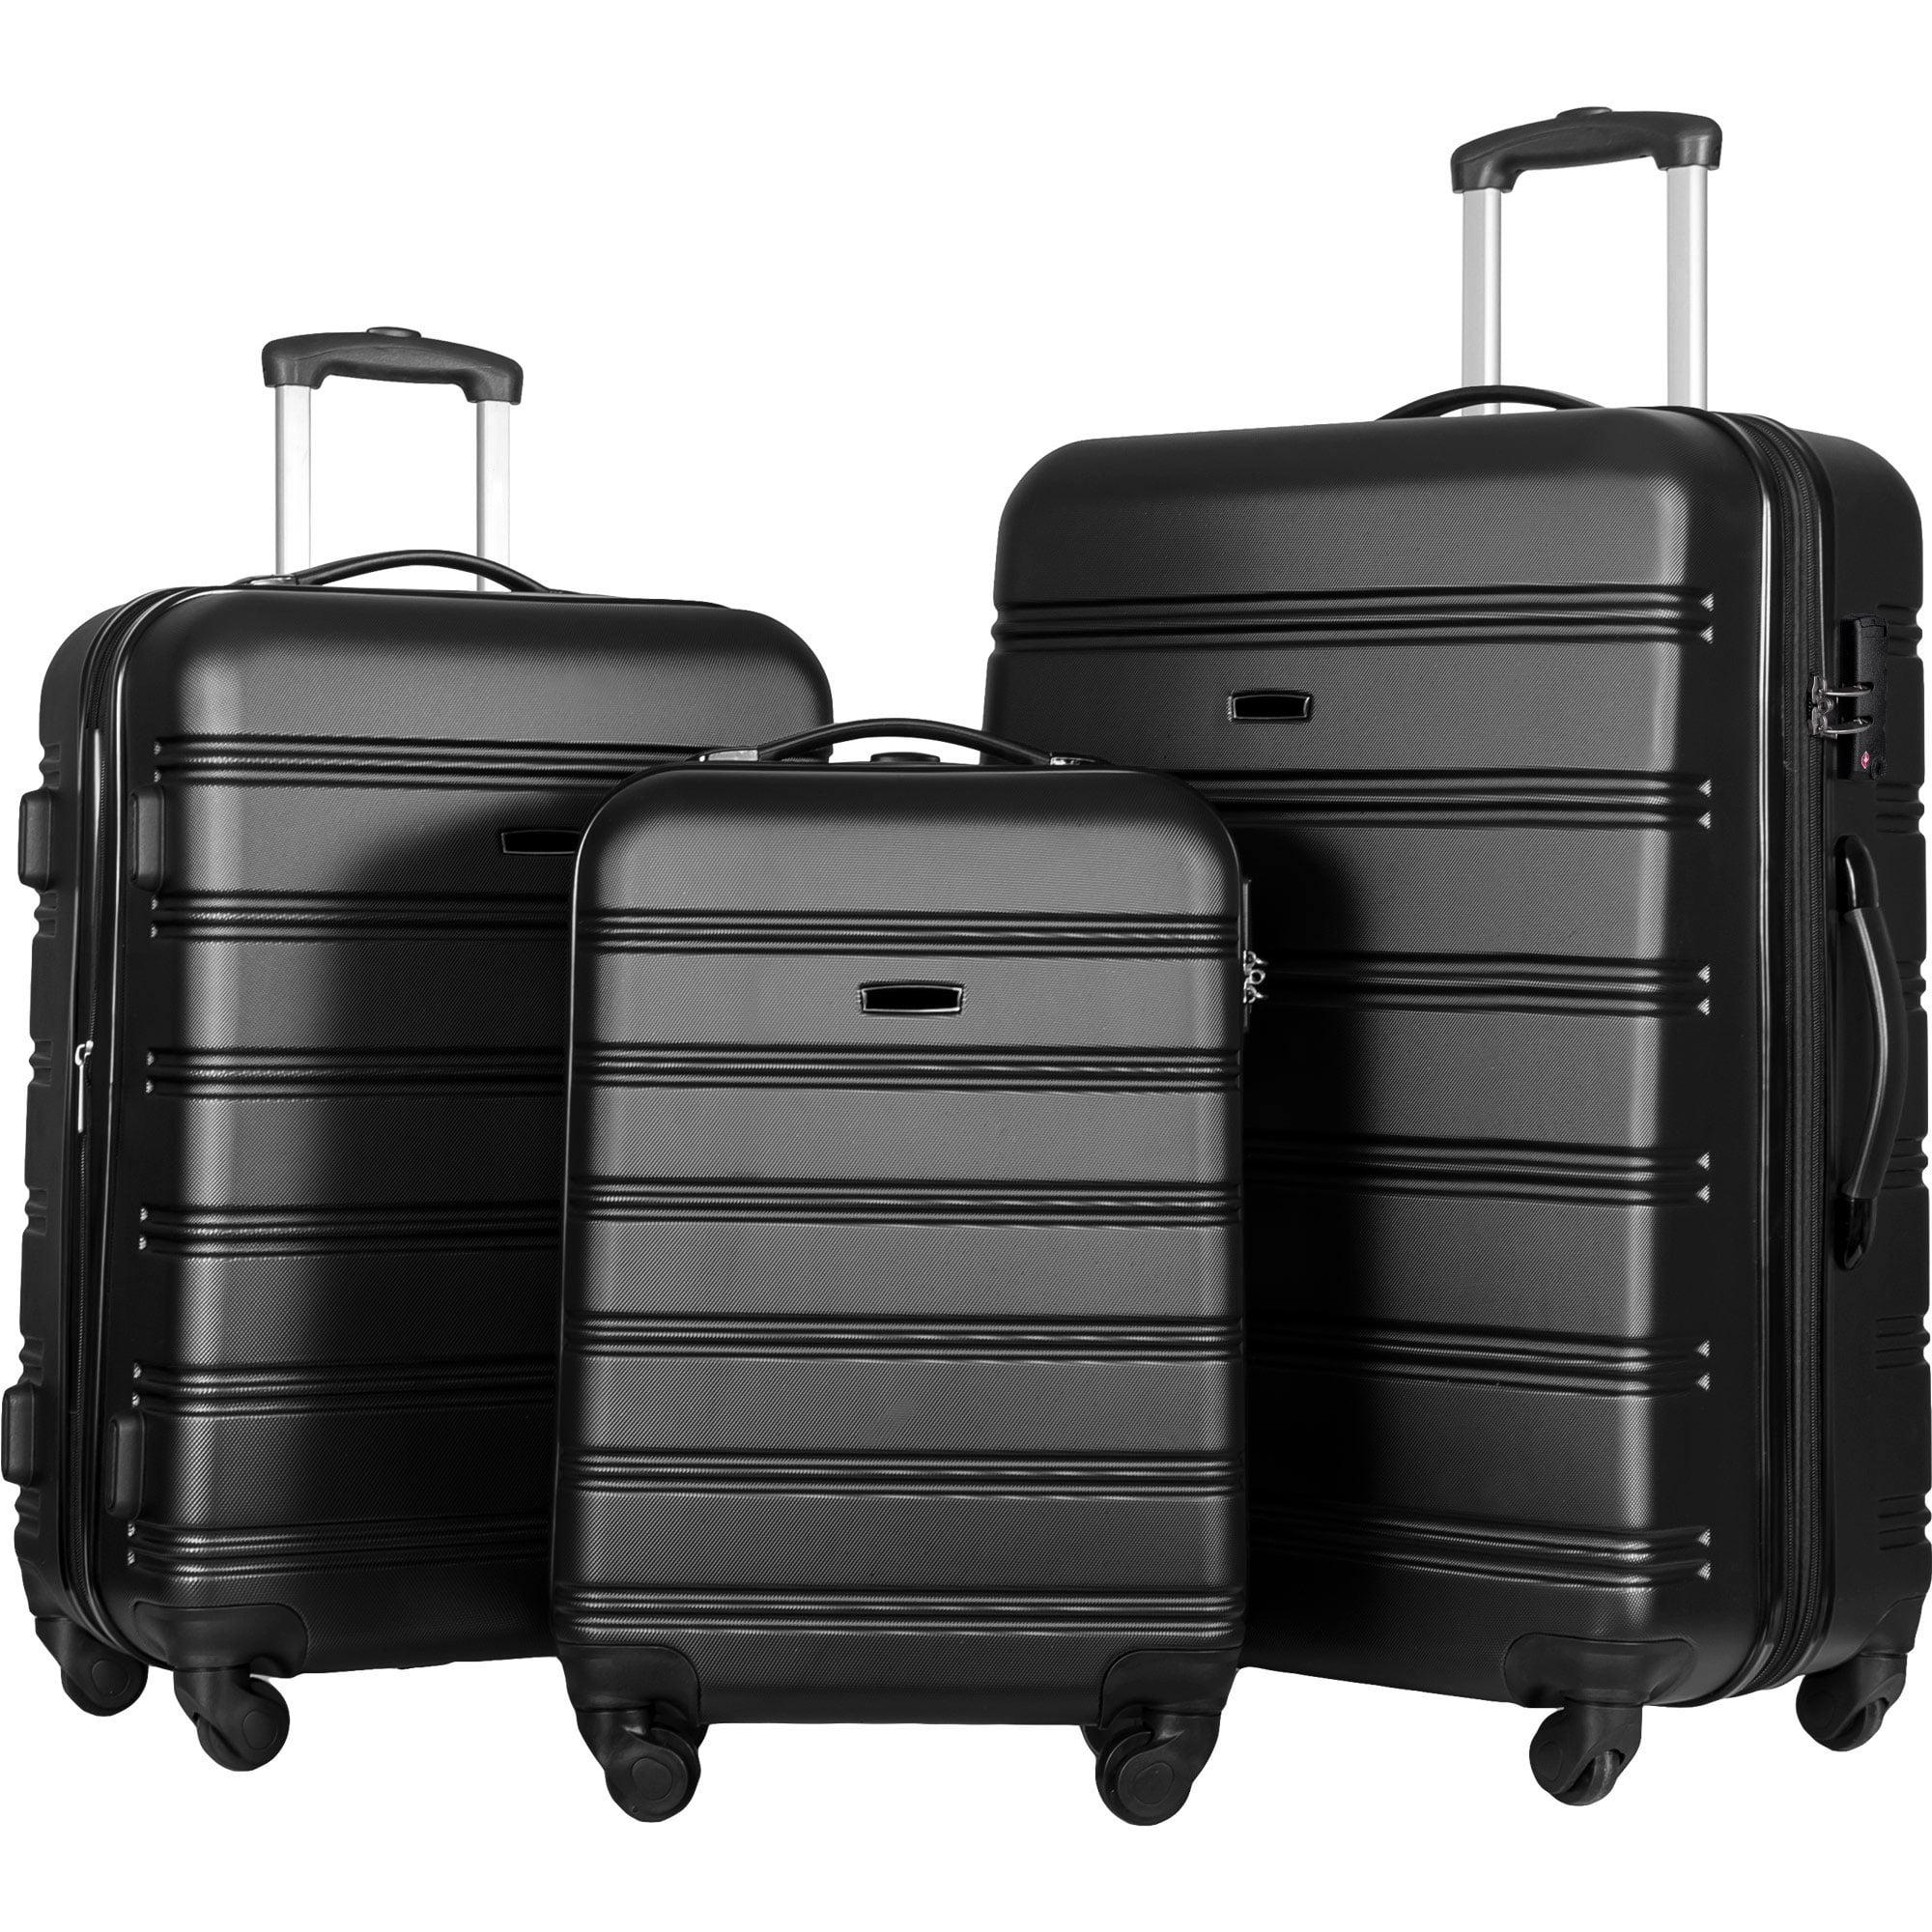 3 Piece Luggage Set Hardside Spinner Suitcase With TSA Lock